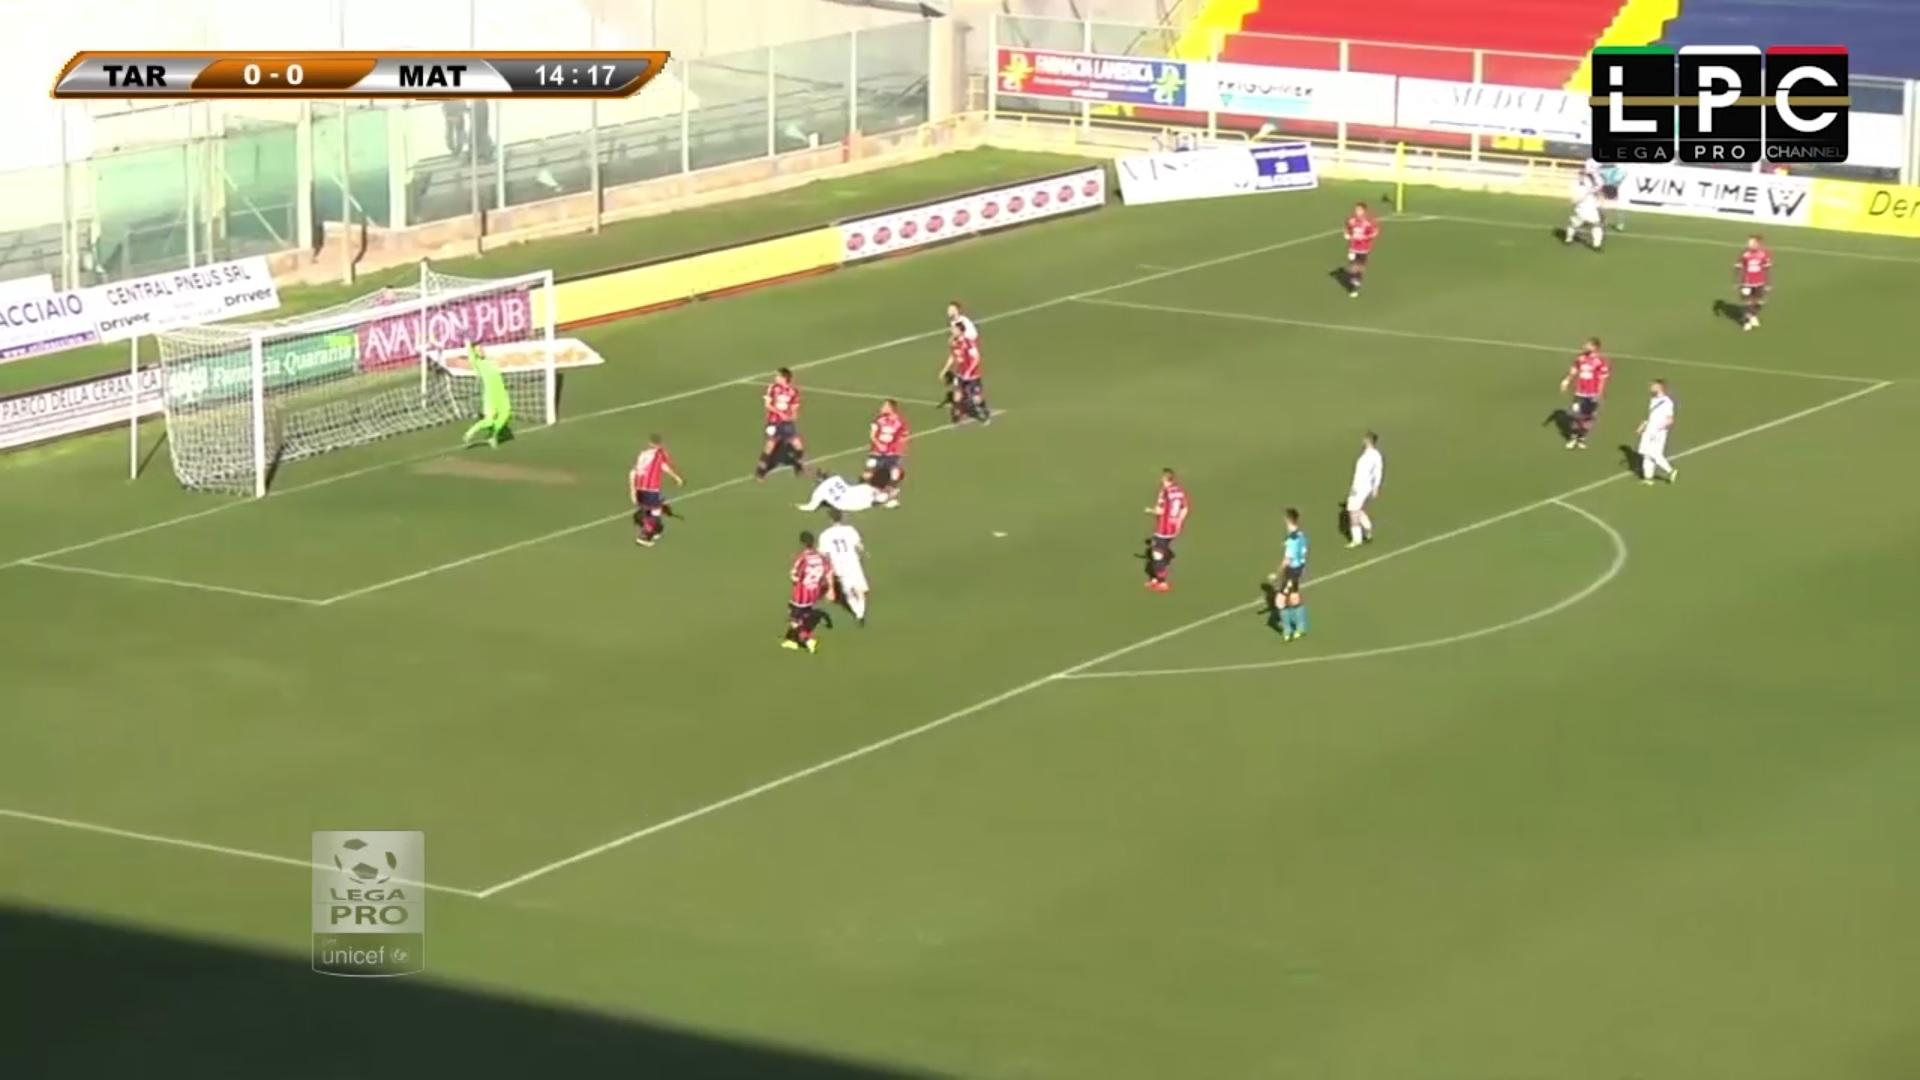 Taranto-Vibonese Sportube: streaming diretta live, ecco come vedere la partita